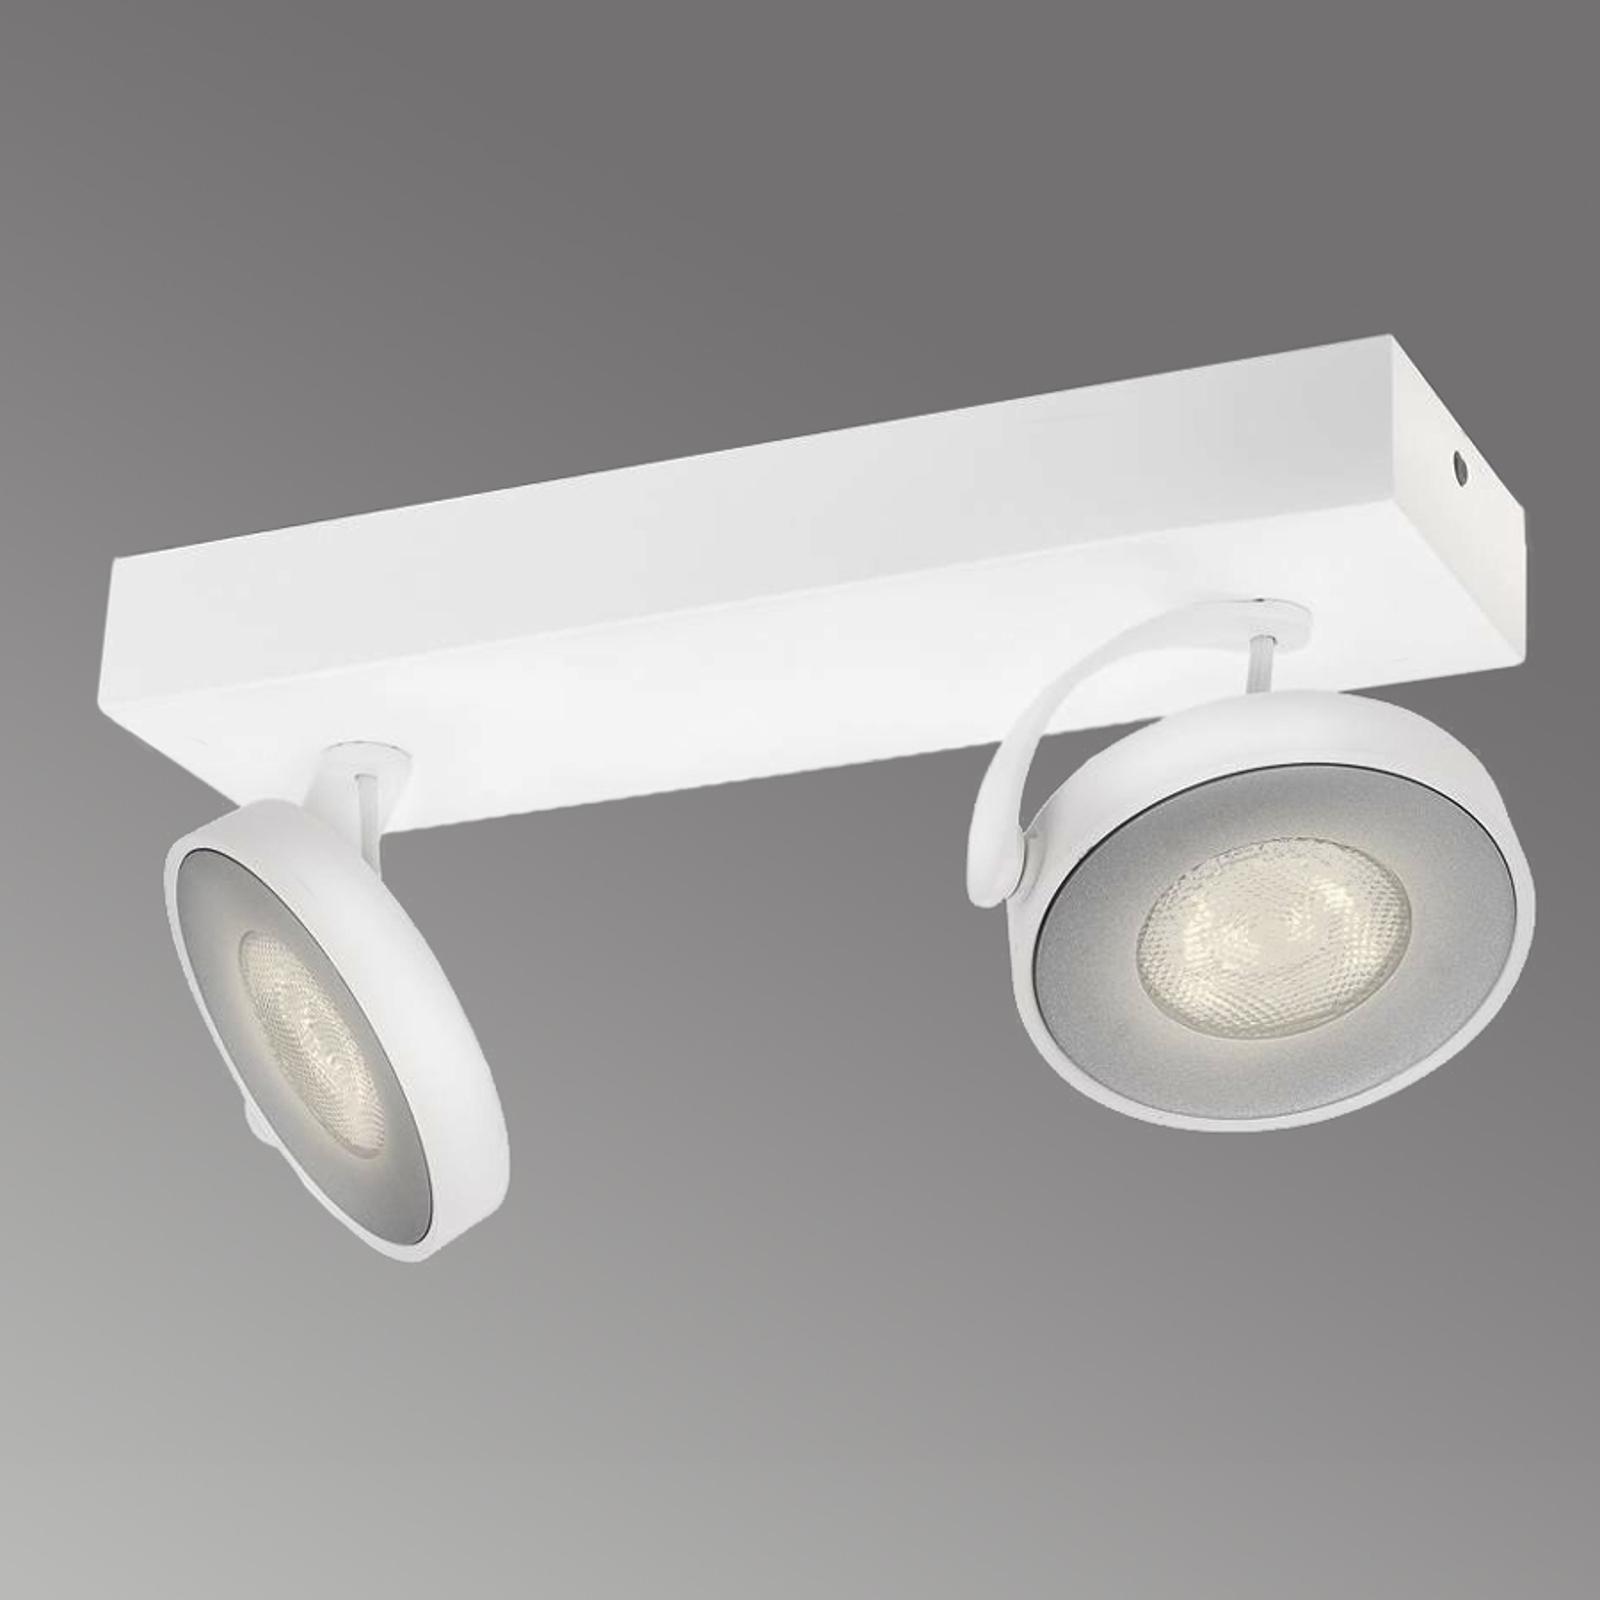 LED spot Clockwork in wit met twee lichtbronnen